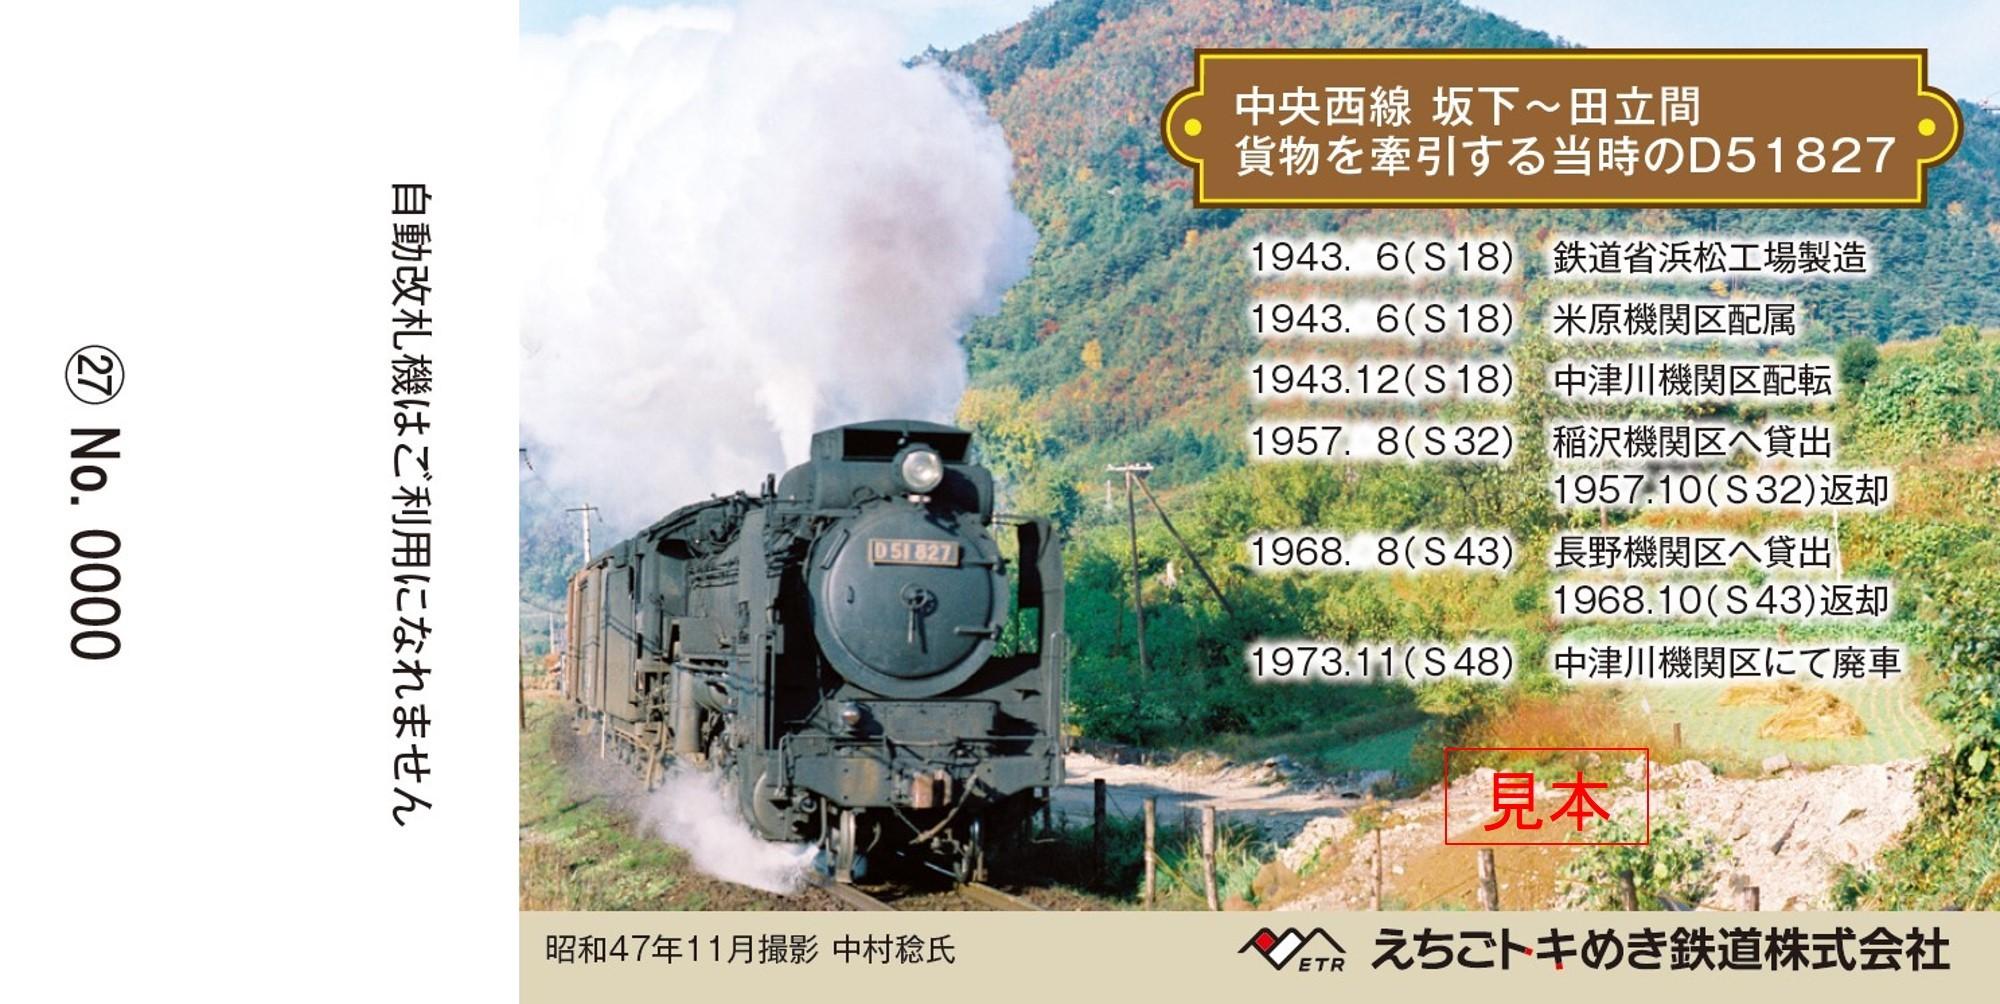 記念乗車券(裏面イメージ)